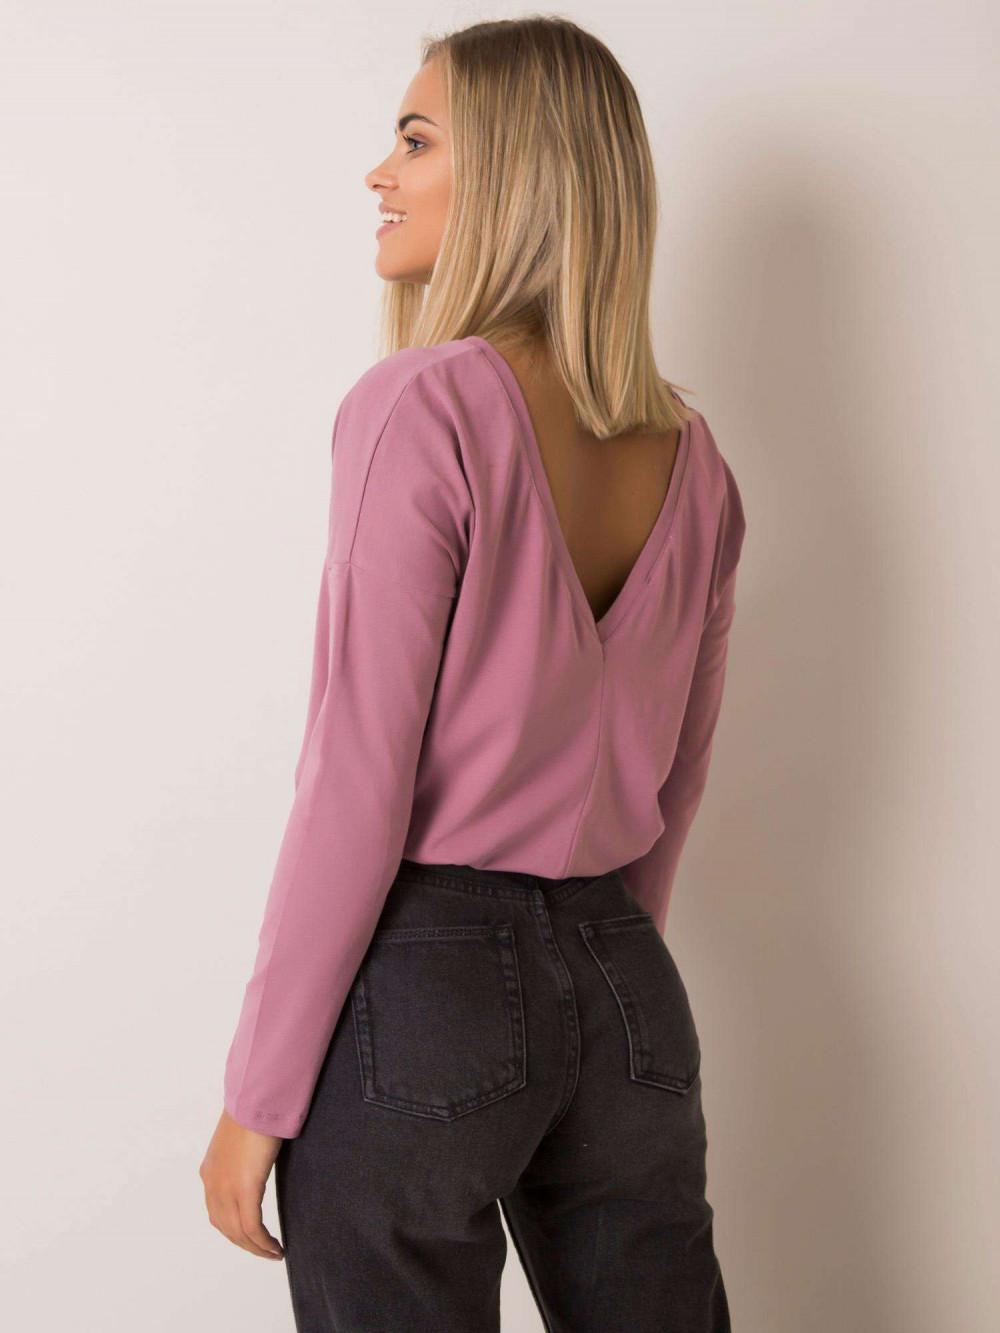 Brudnoróżowa bluzka z wycięciem na plecach Sevran 4